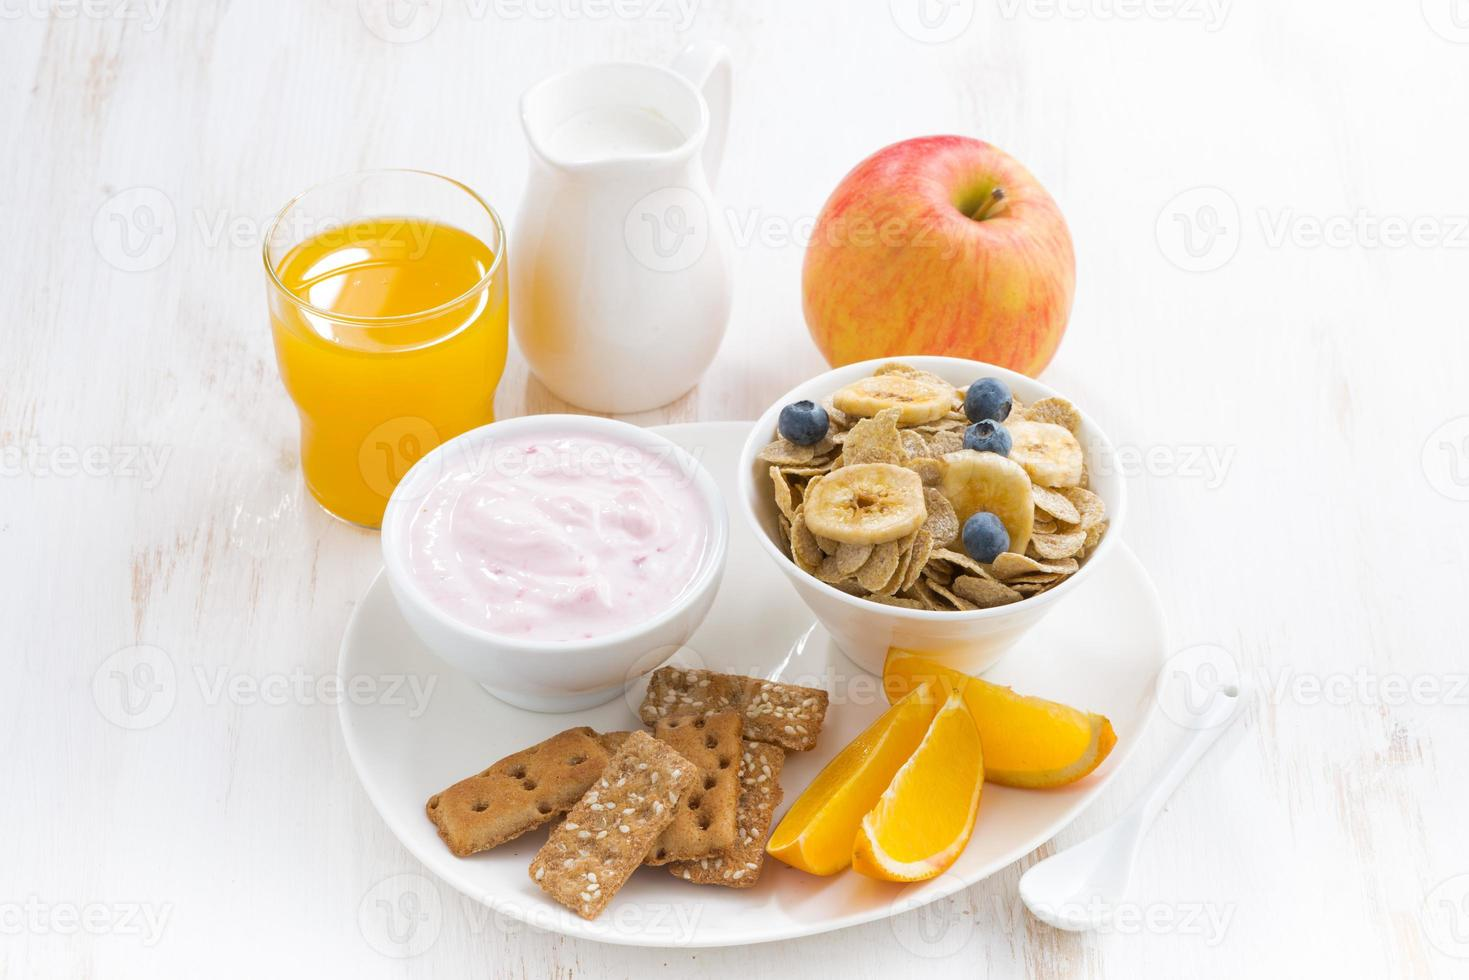 café da manhã saudável - cereais, frutas, iogurte e suco foto